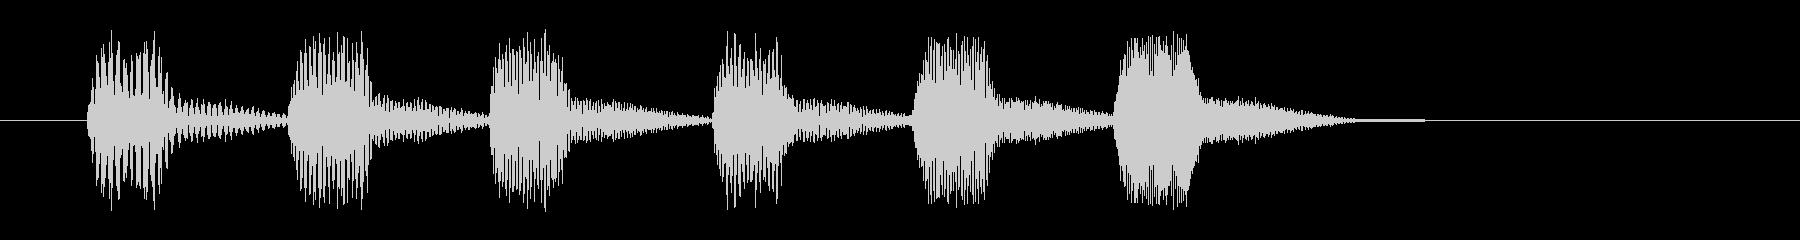 上昇_アップ_200701の未再生の波形